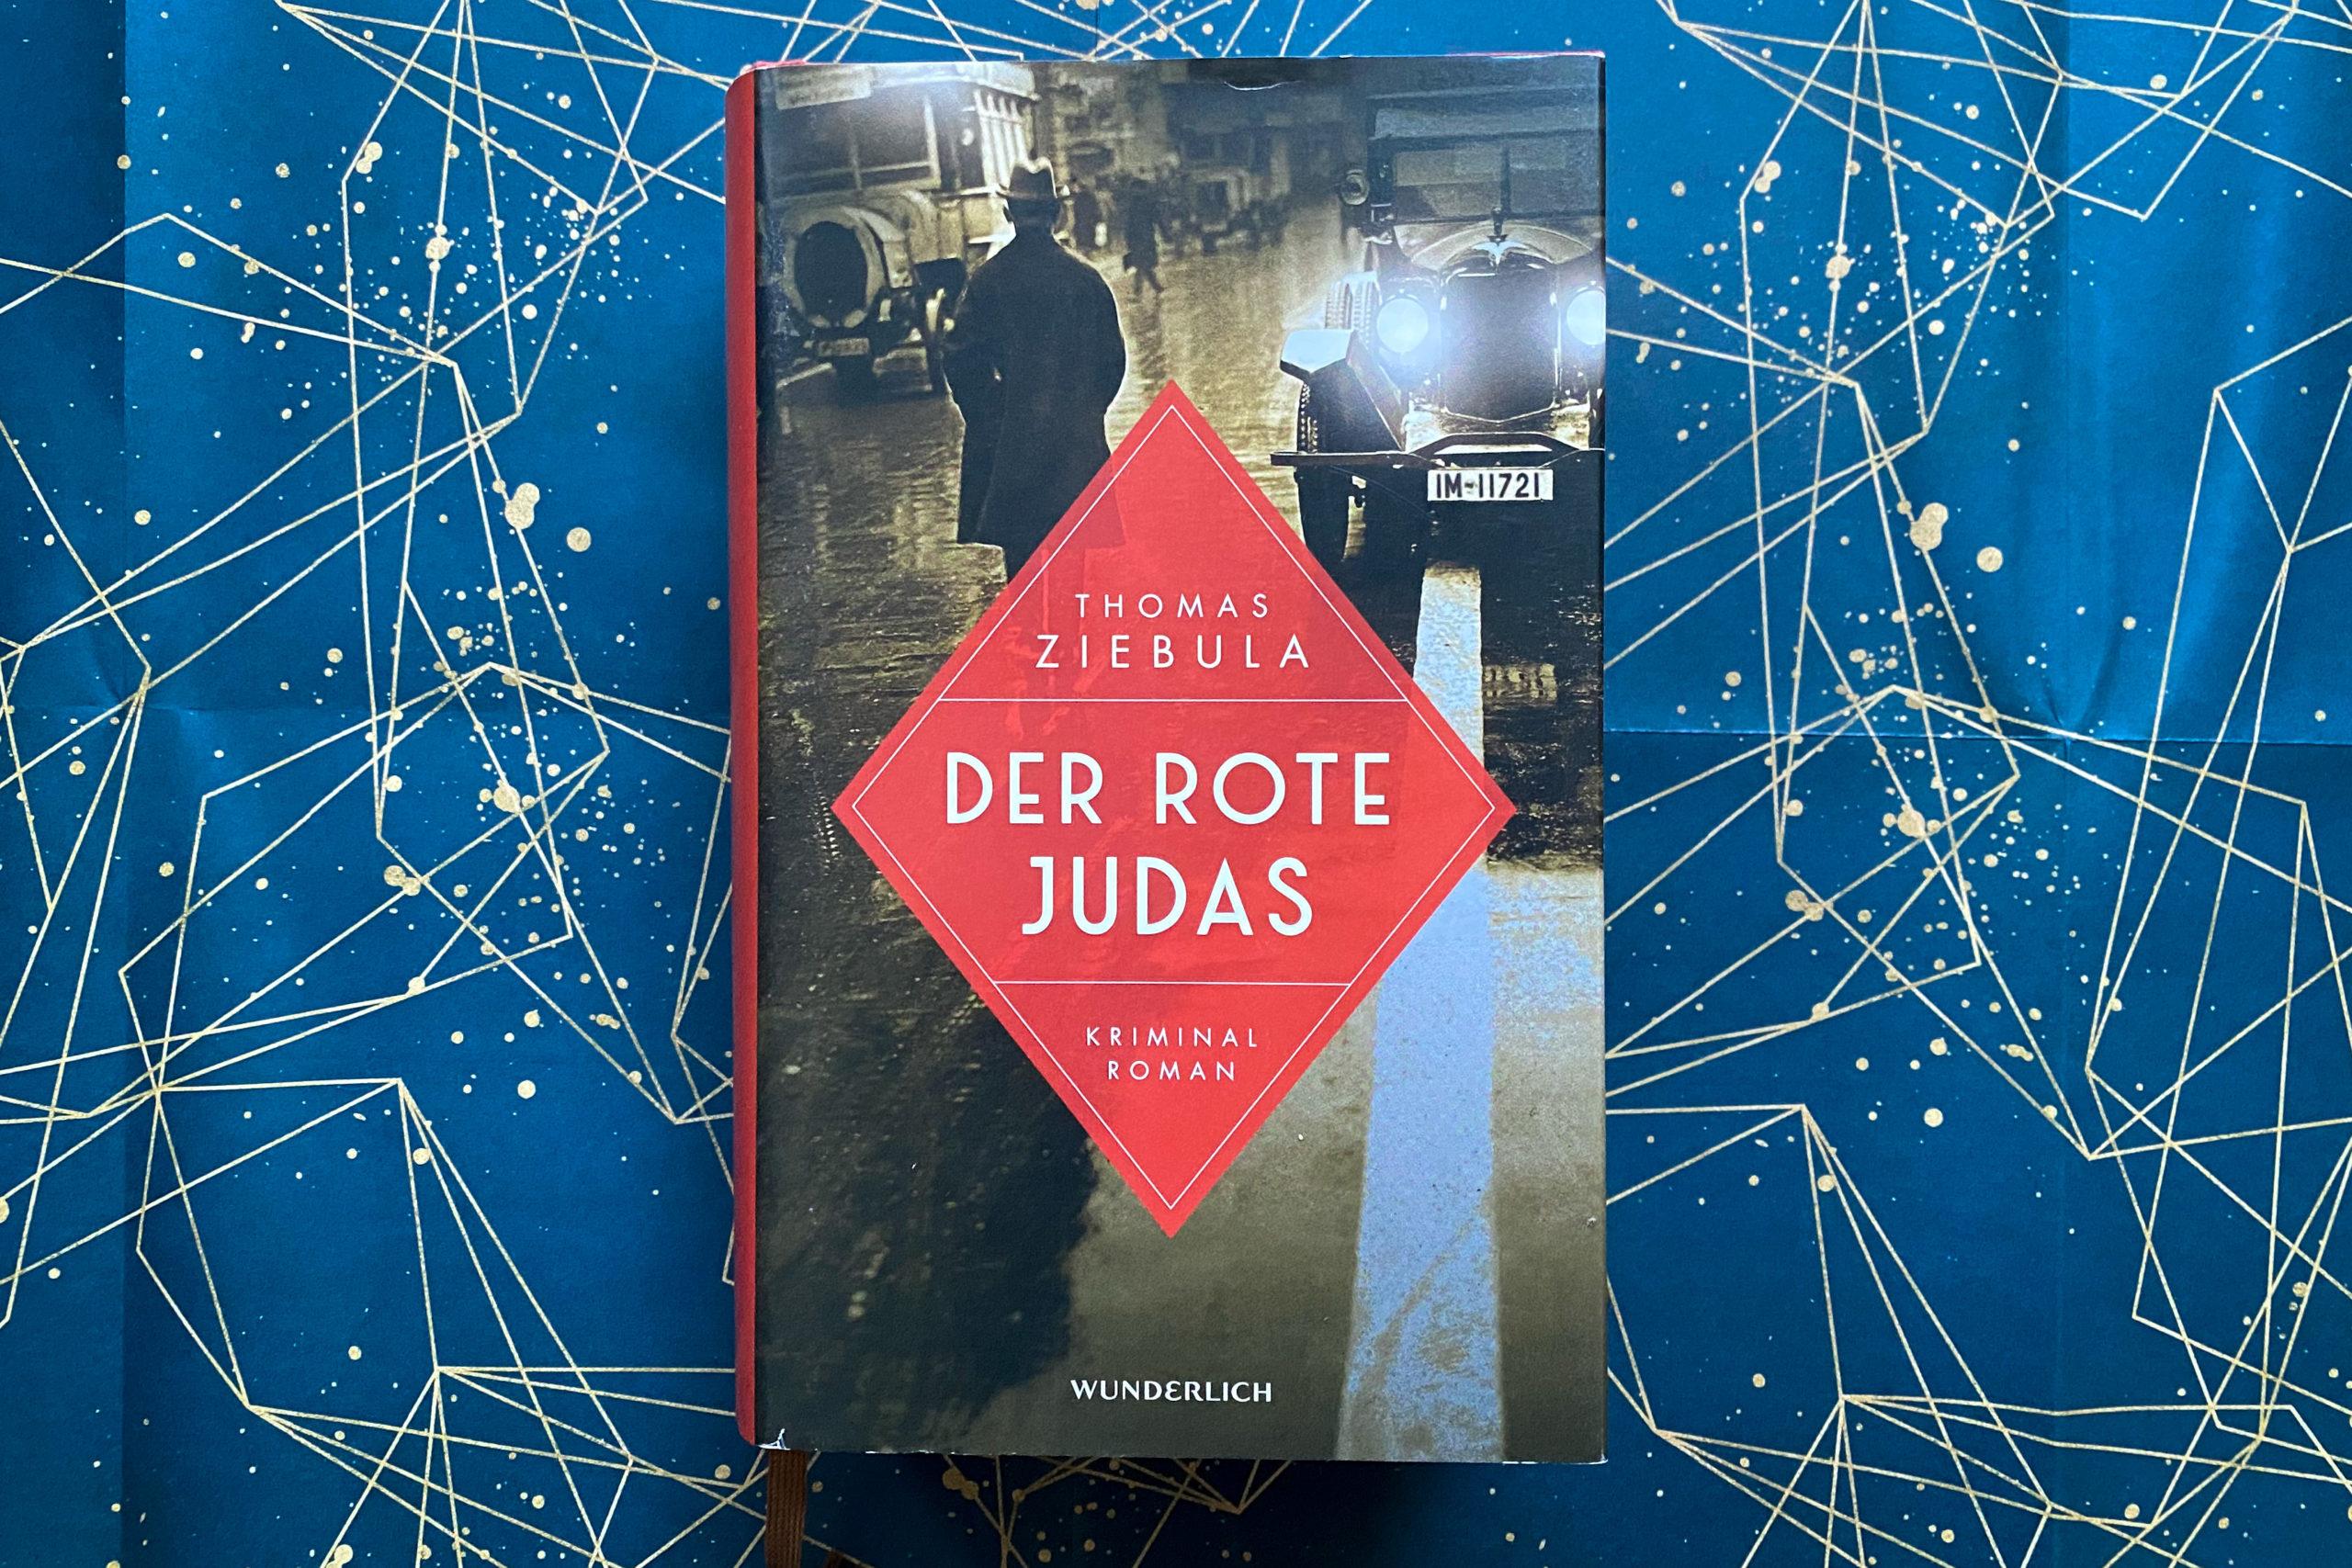 Thomas Ziebula Der rote Judas historischer Kriminalroman Leipzig